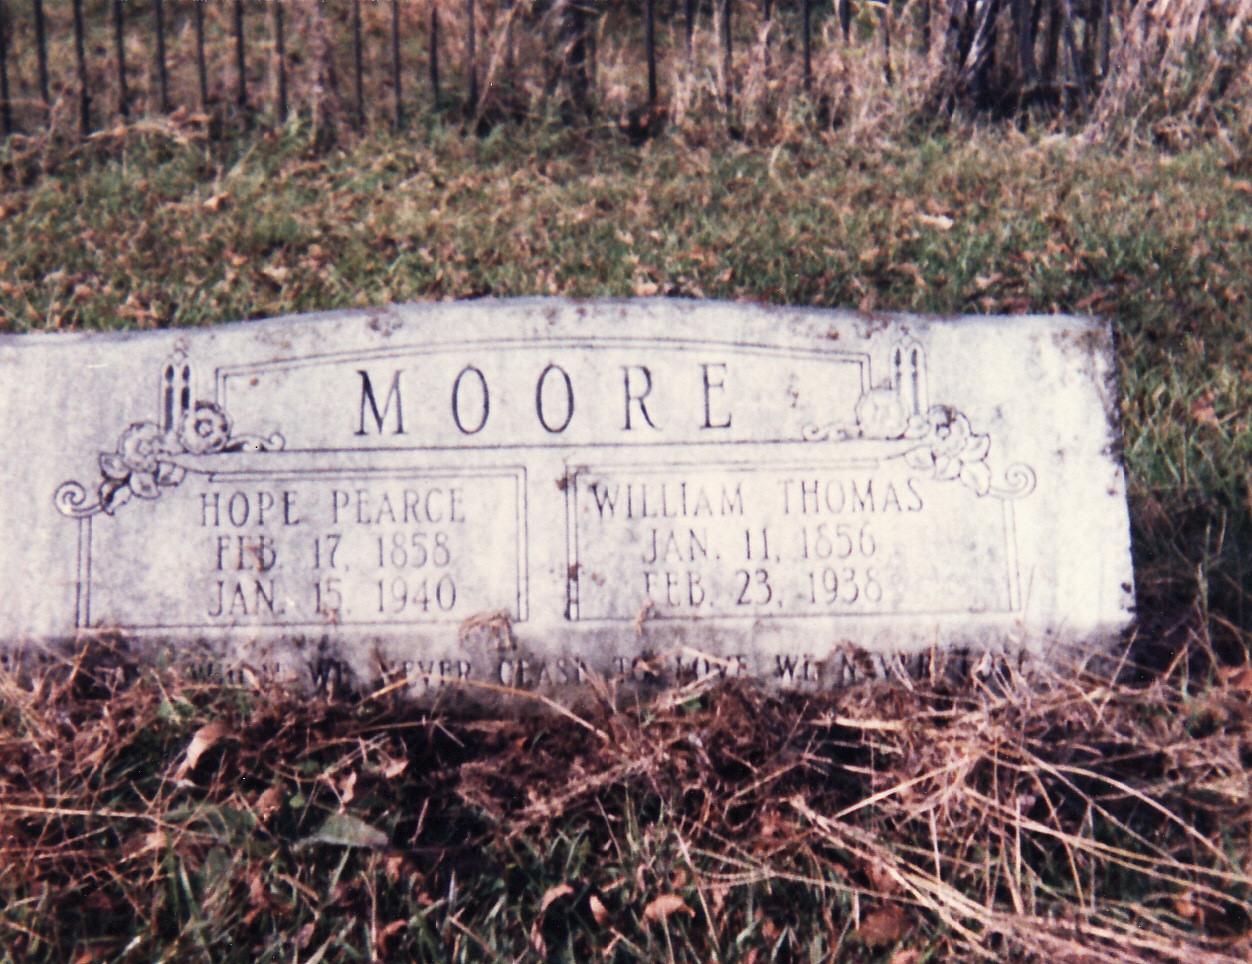 William Thomas Moore